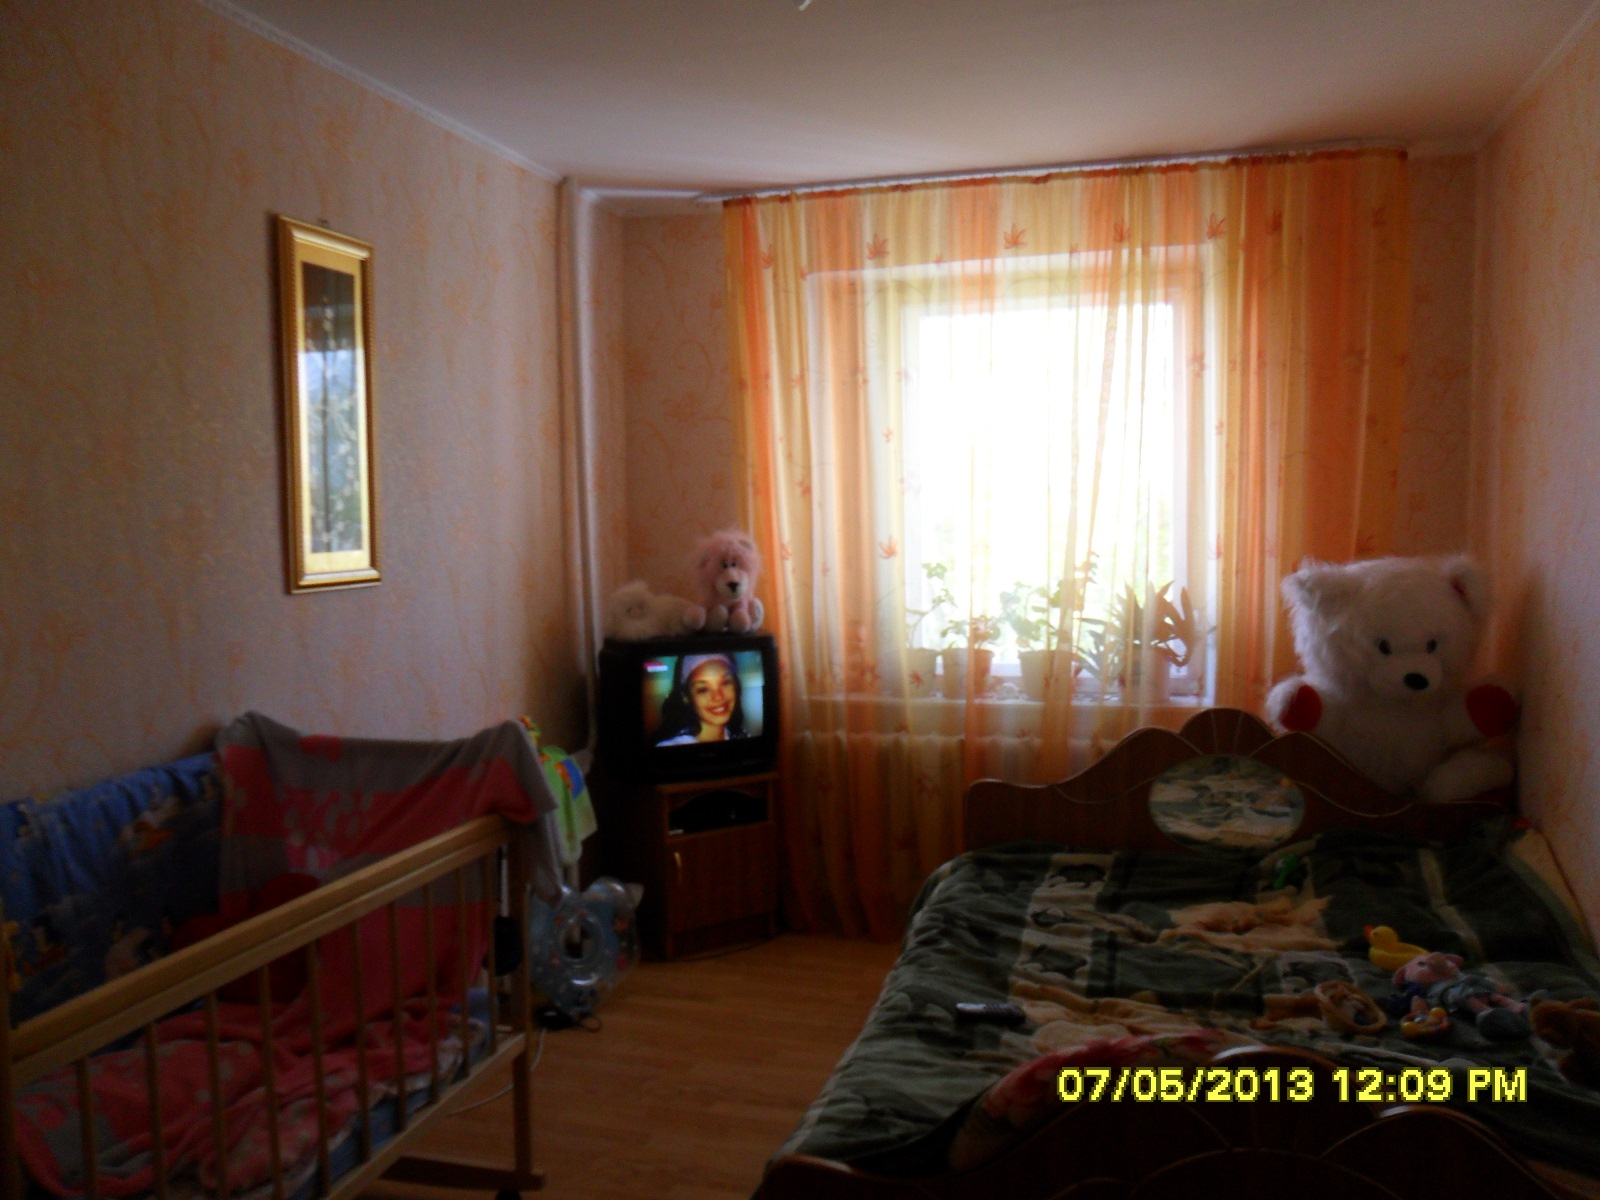 Квартира 3-х комнатная харьков фото